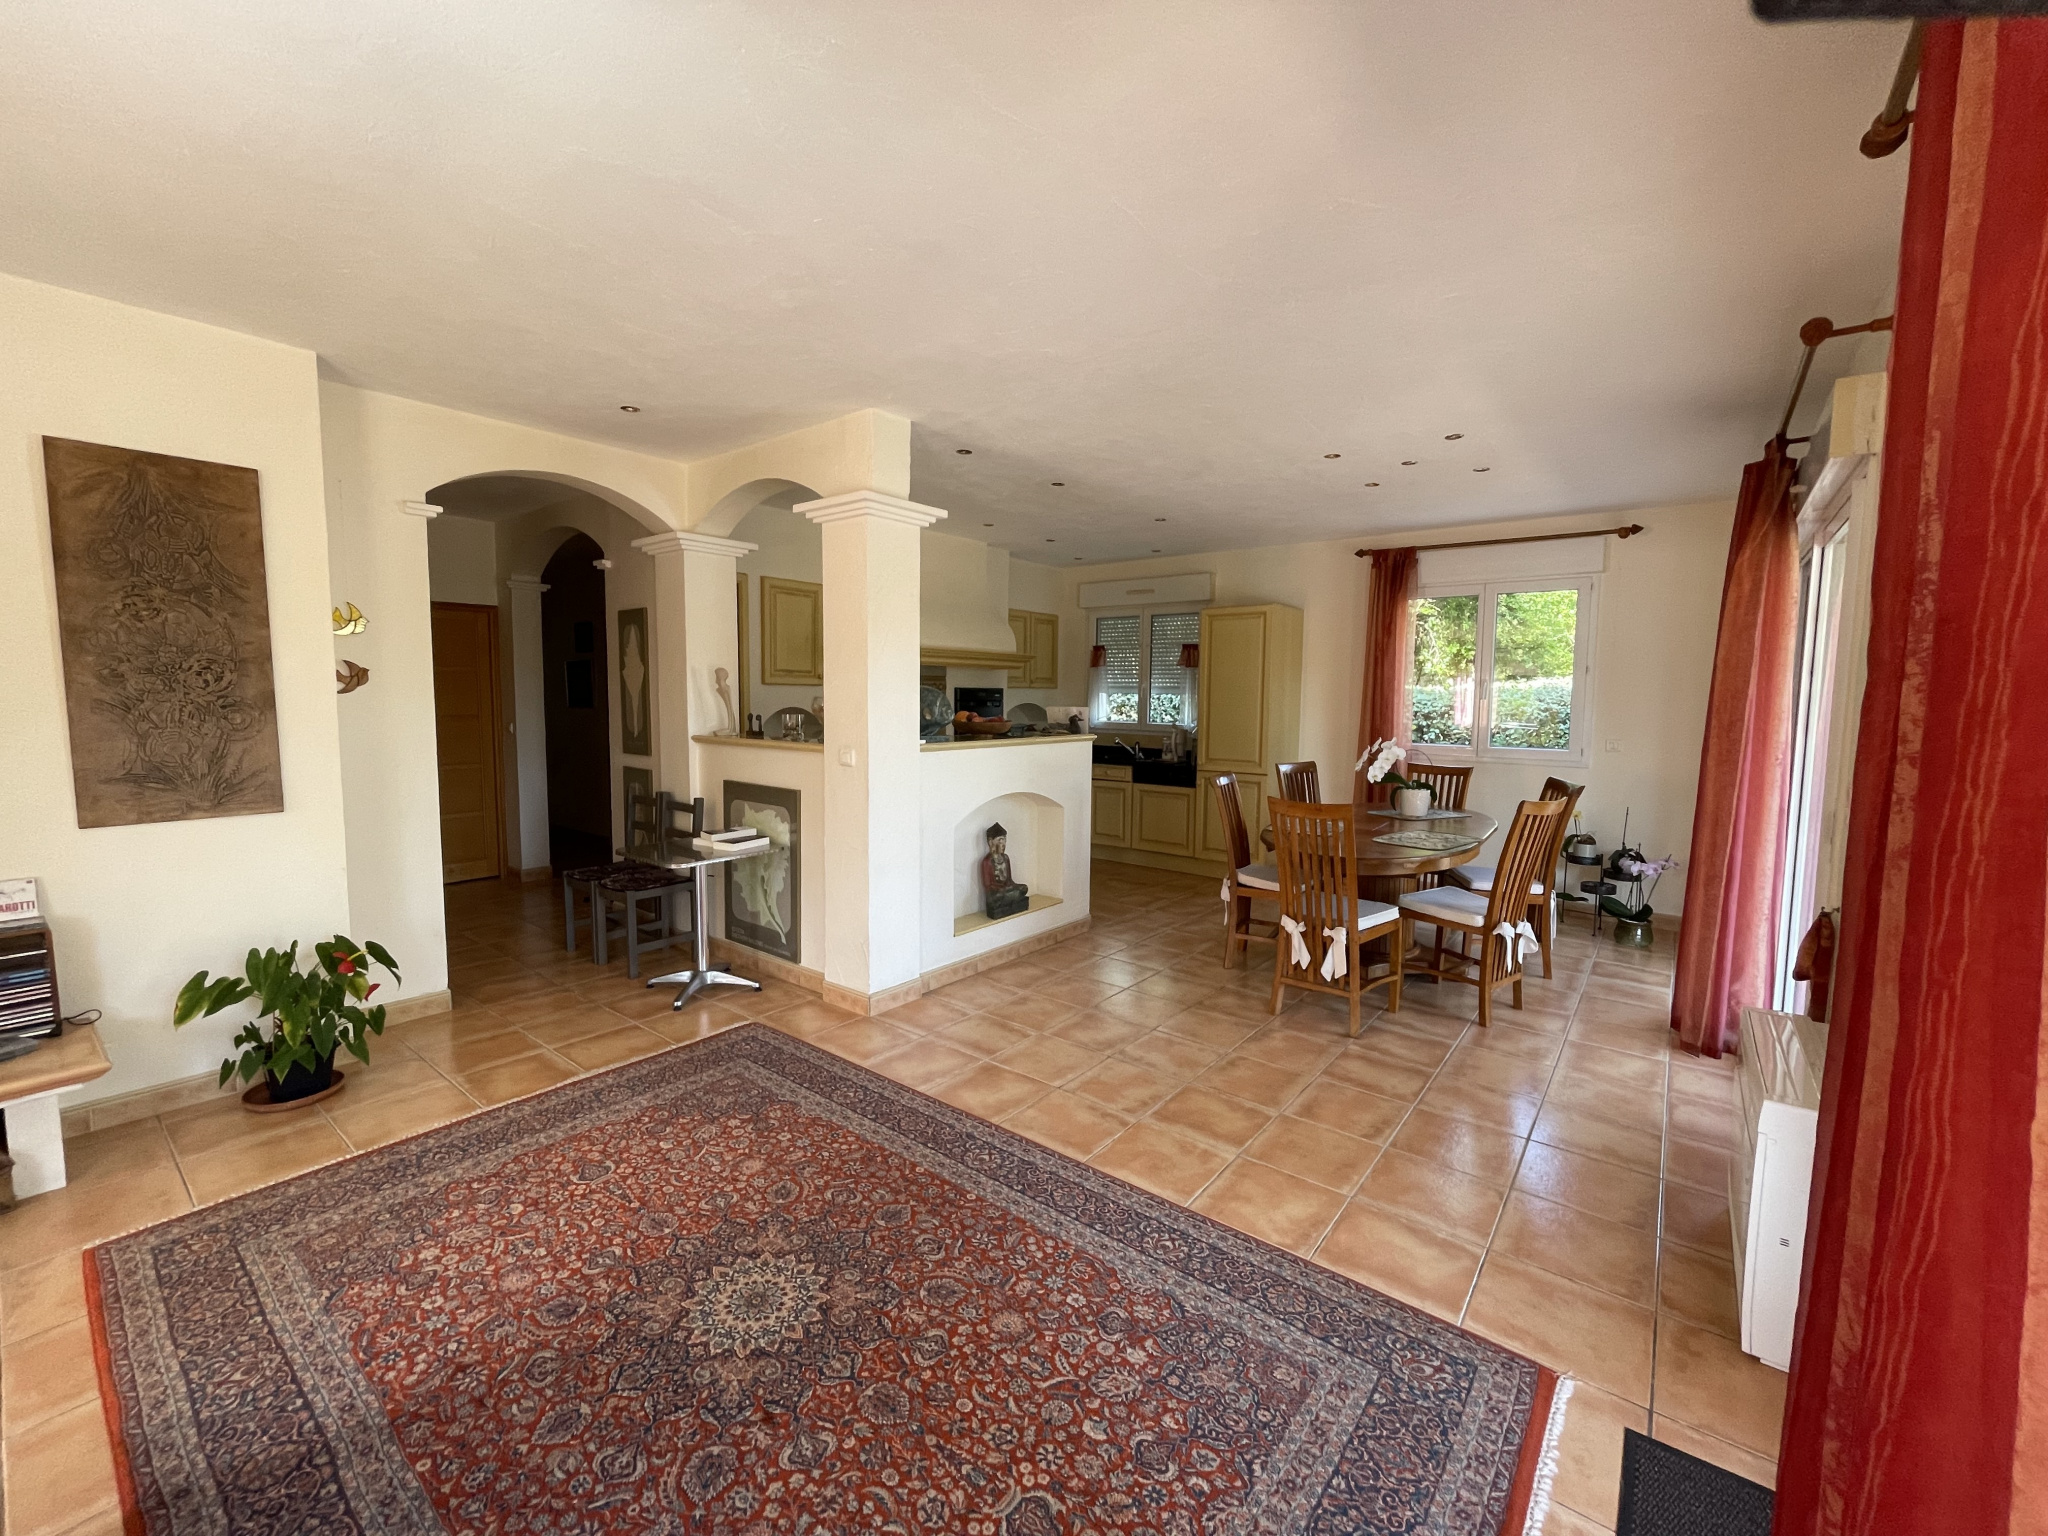 À vendre maison/villa de 124m2 à argeles sur mer (66700) - Photo 0'